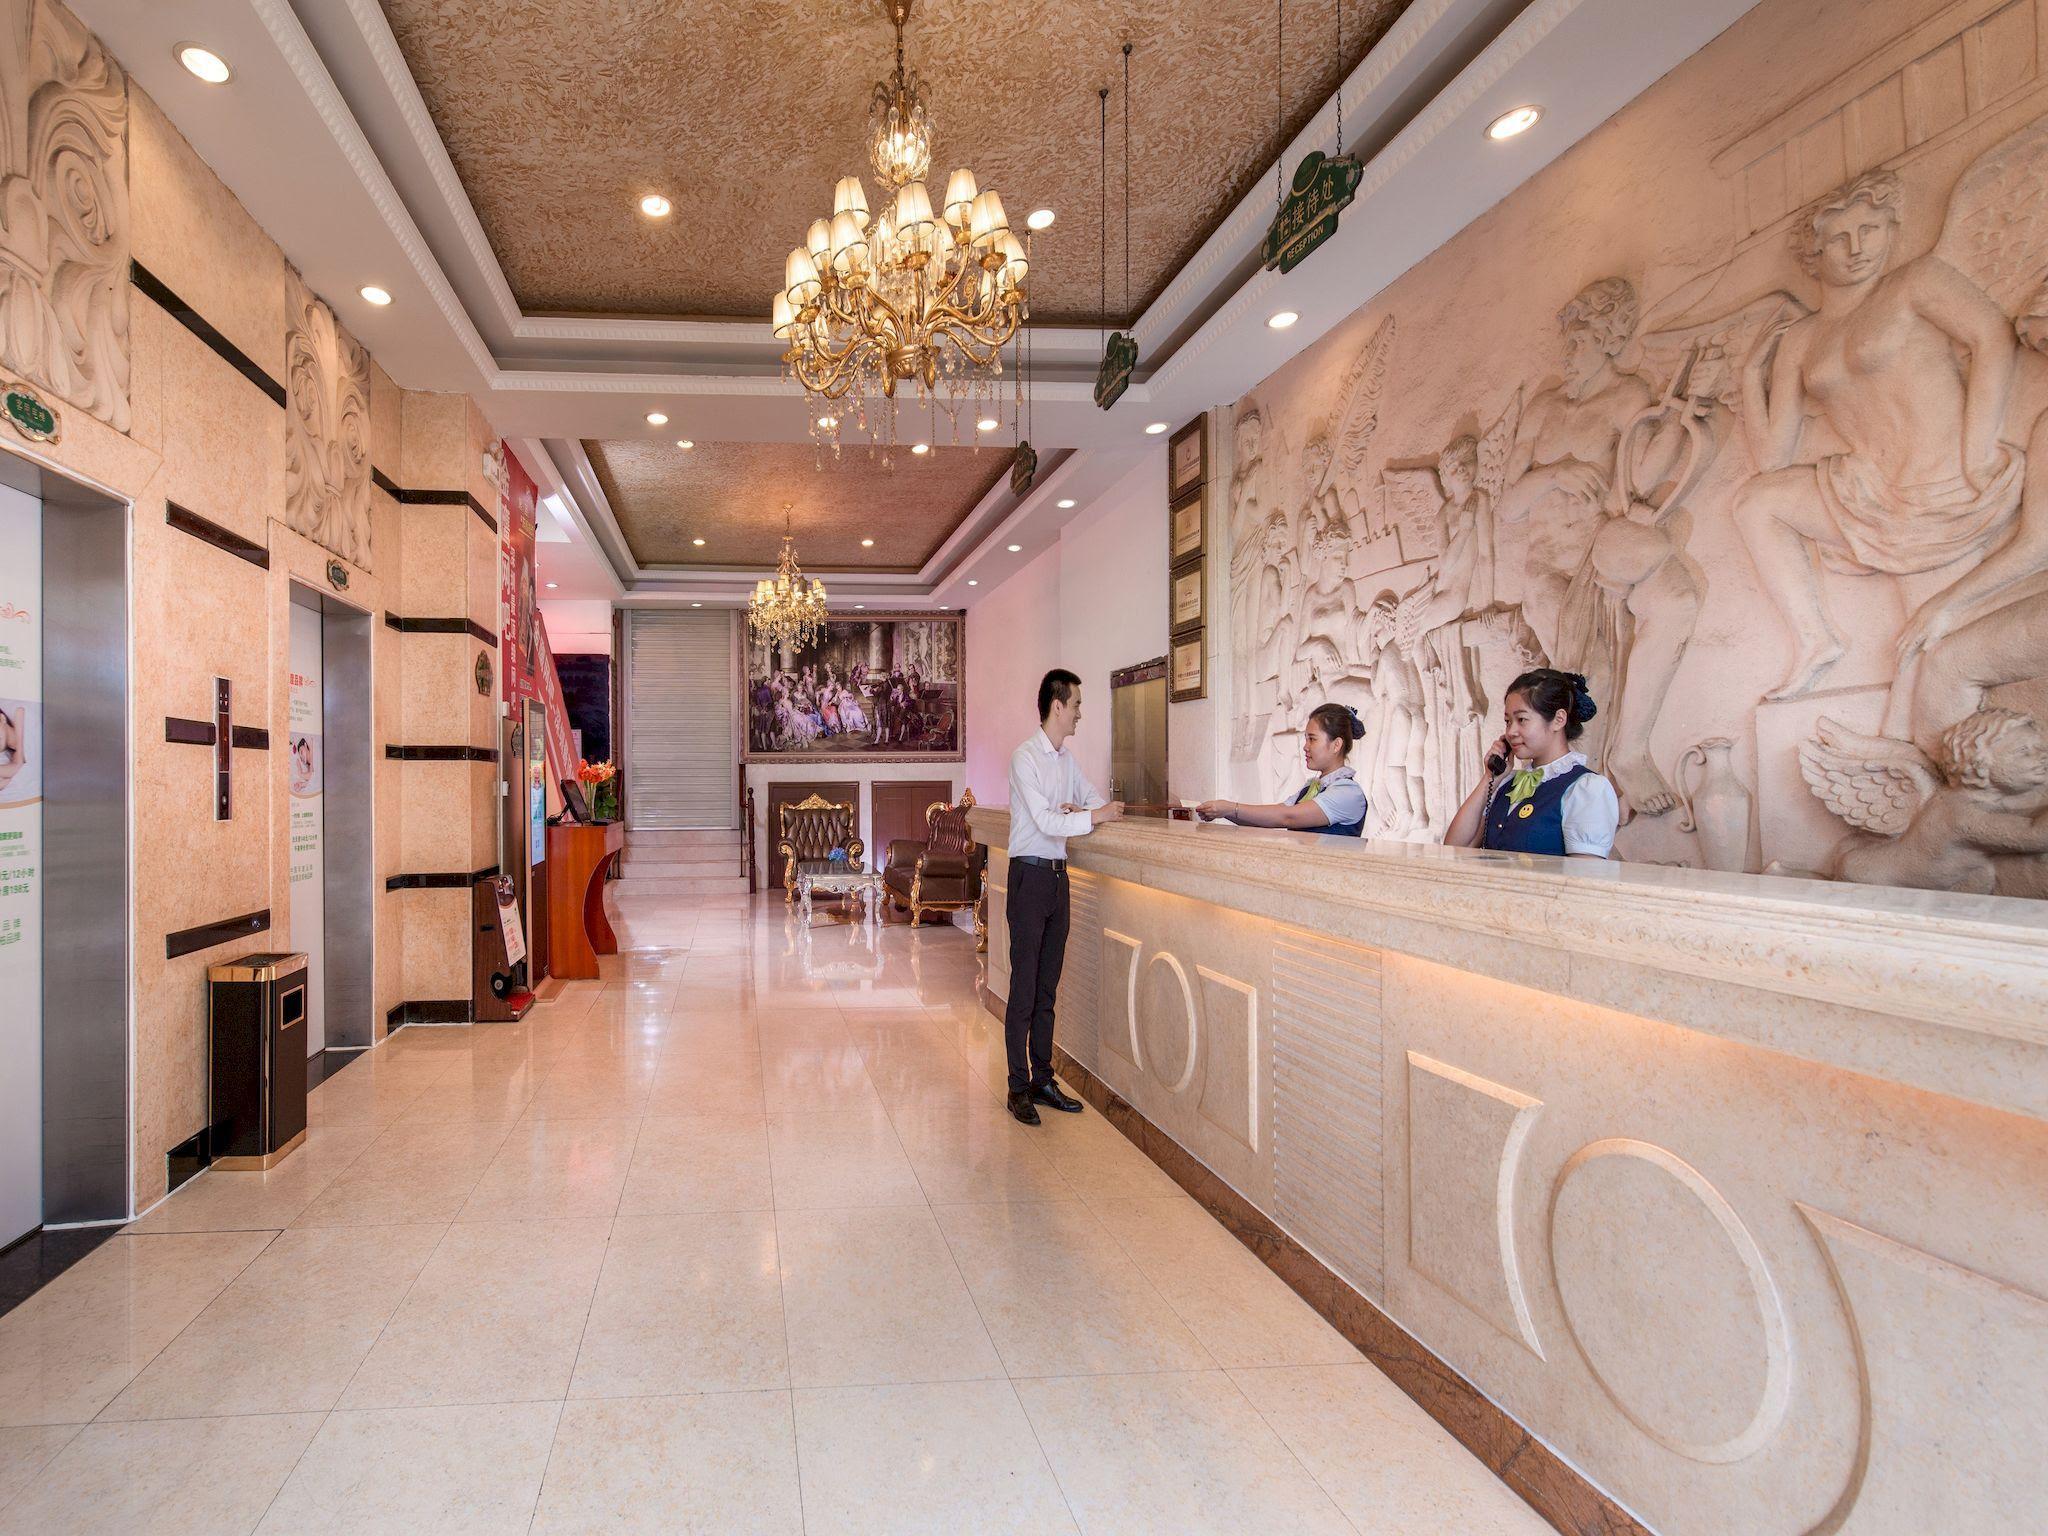 Price Vienna Hotel Shenzhen Dongmen Branch